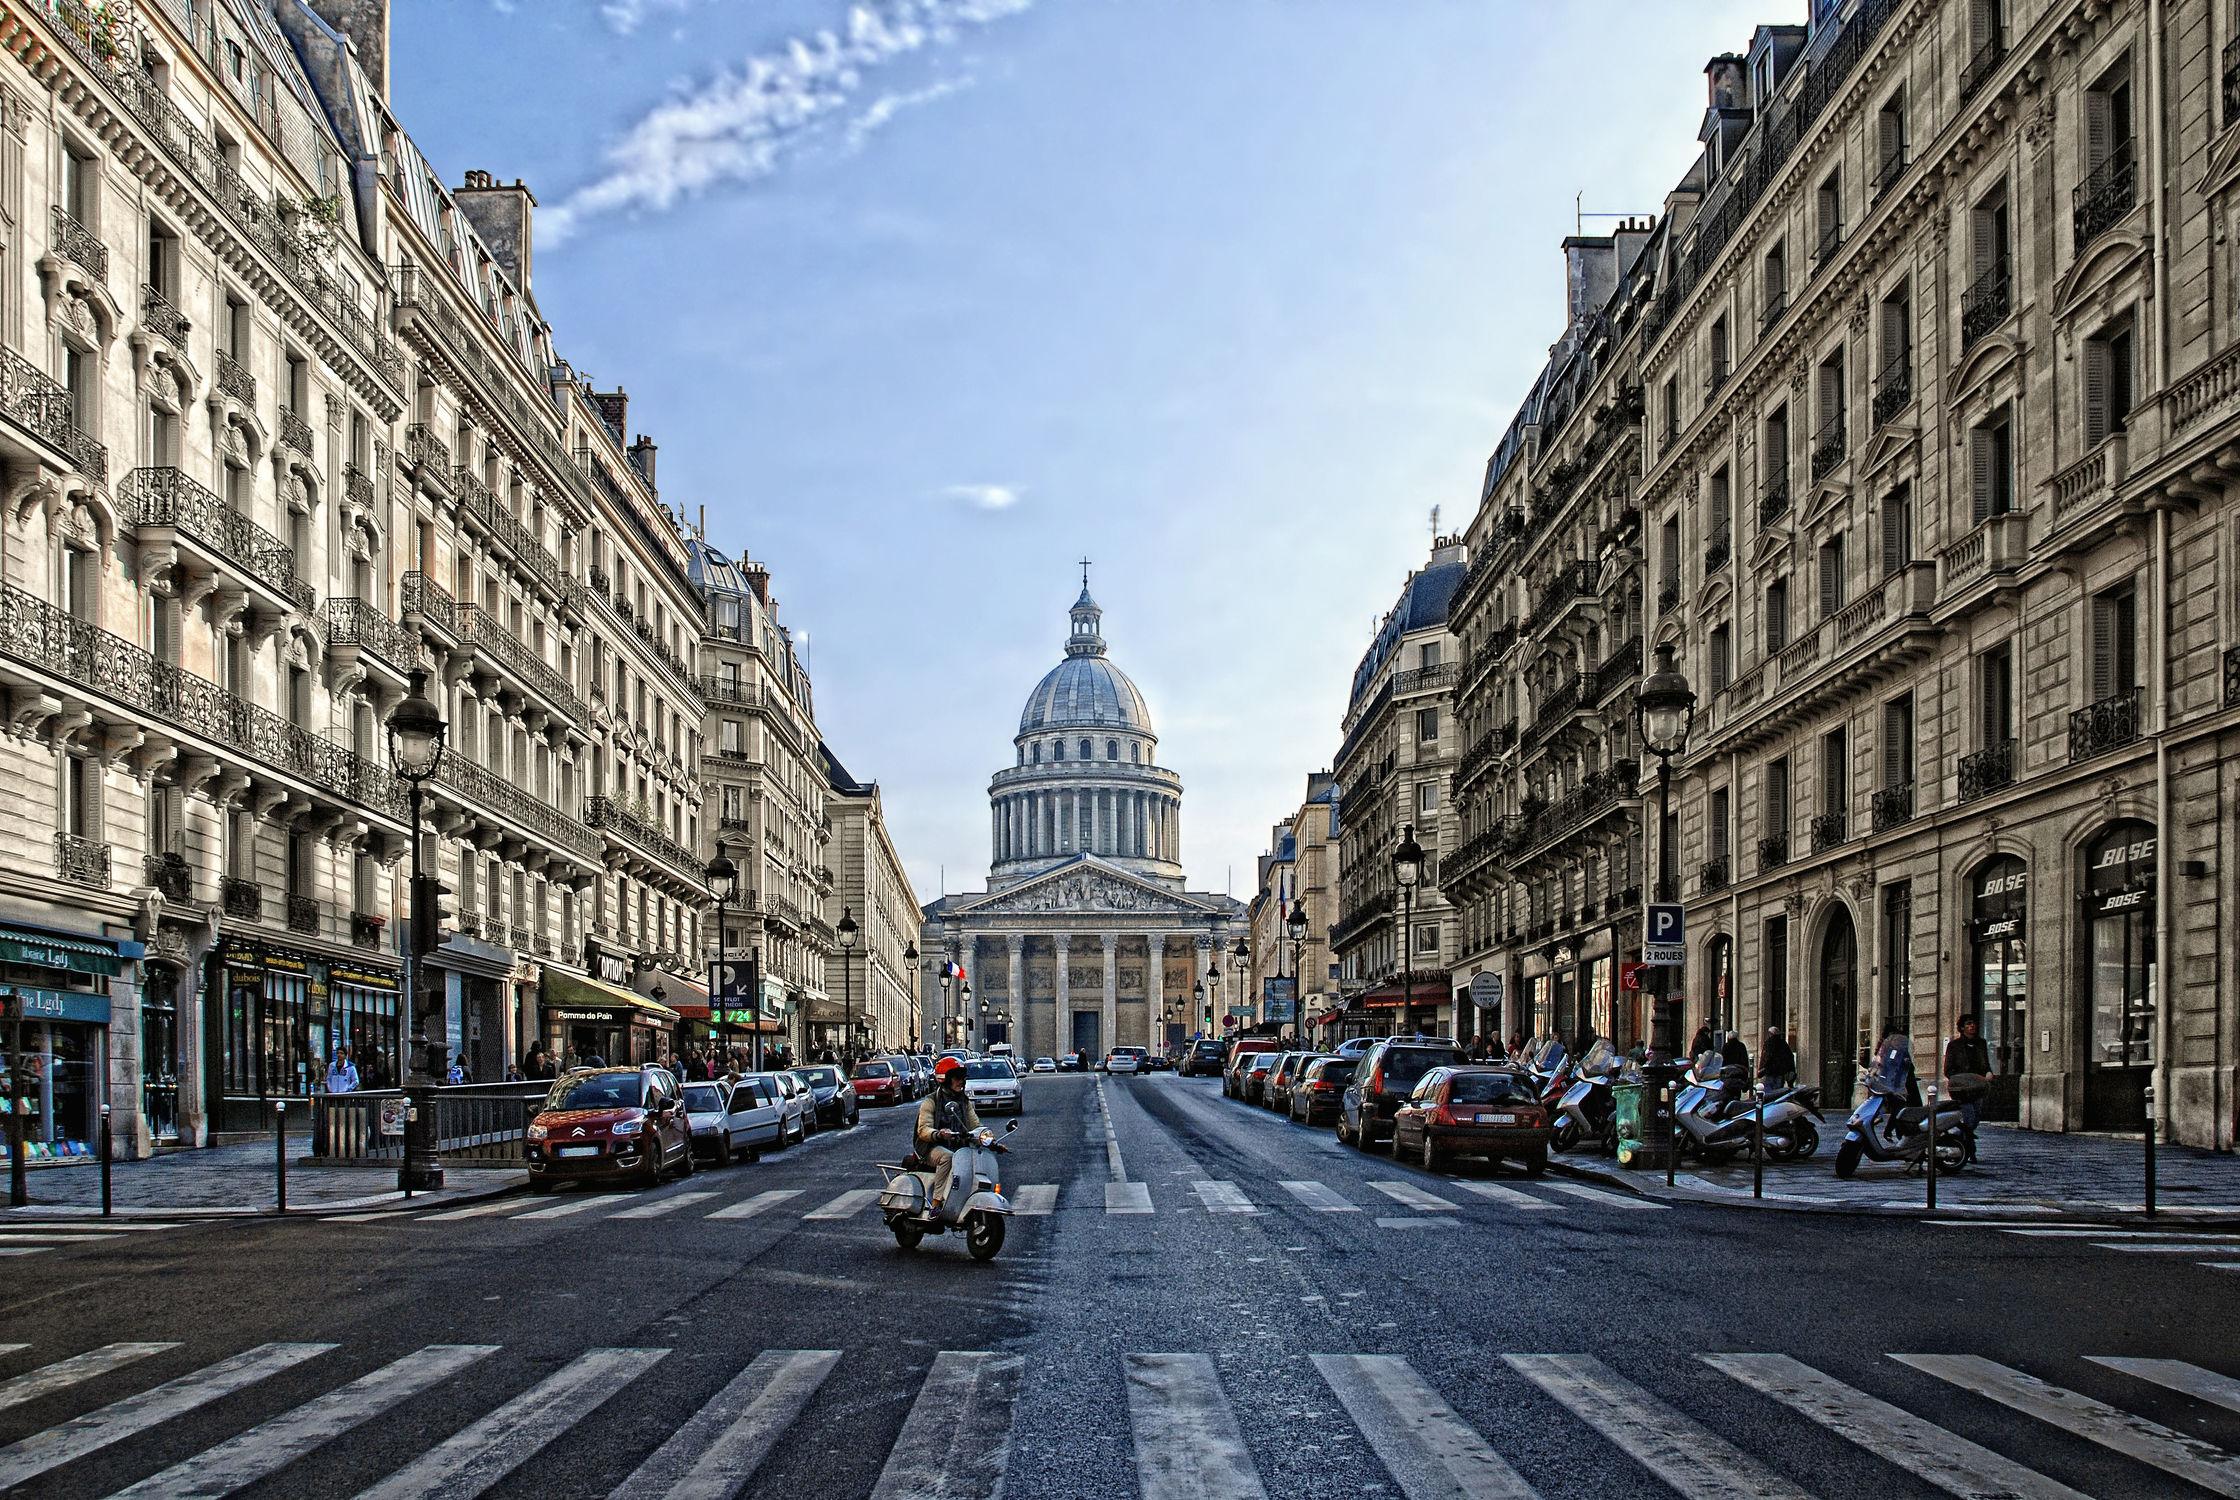 Bild mit Architektur, Sehenswürdigkeit, romantik, City, Sehenswürdigkeiten, Paris, Straße, Stadtleben, Grossstadt, Pariser, Pantheon Paris